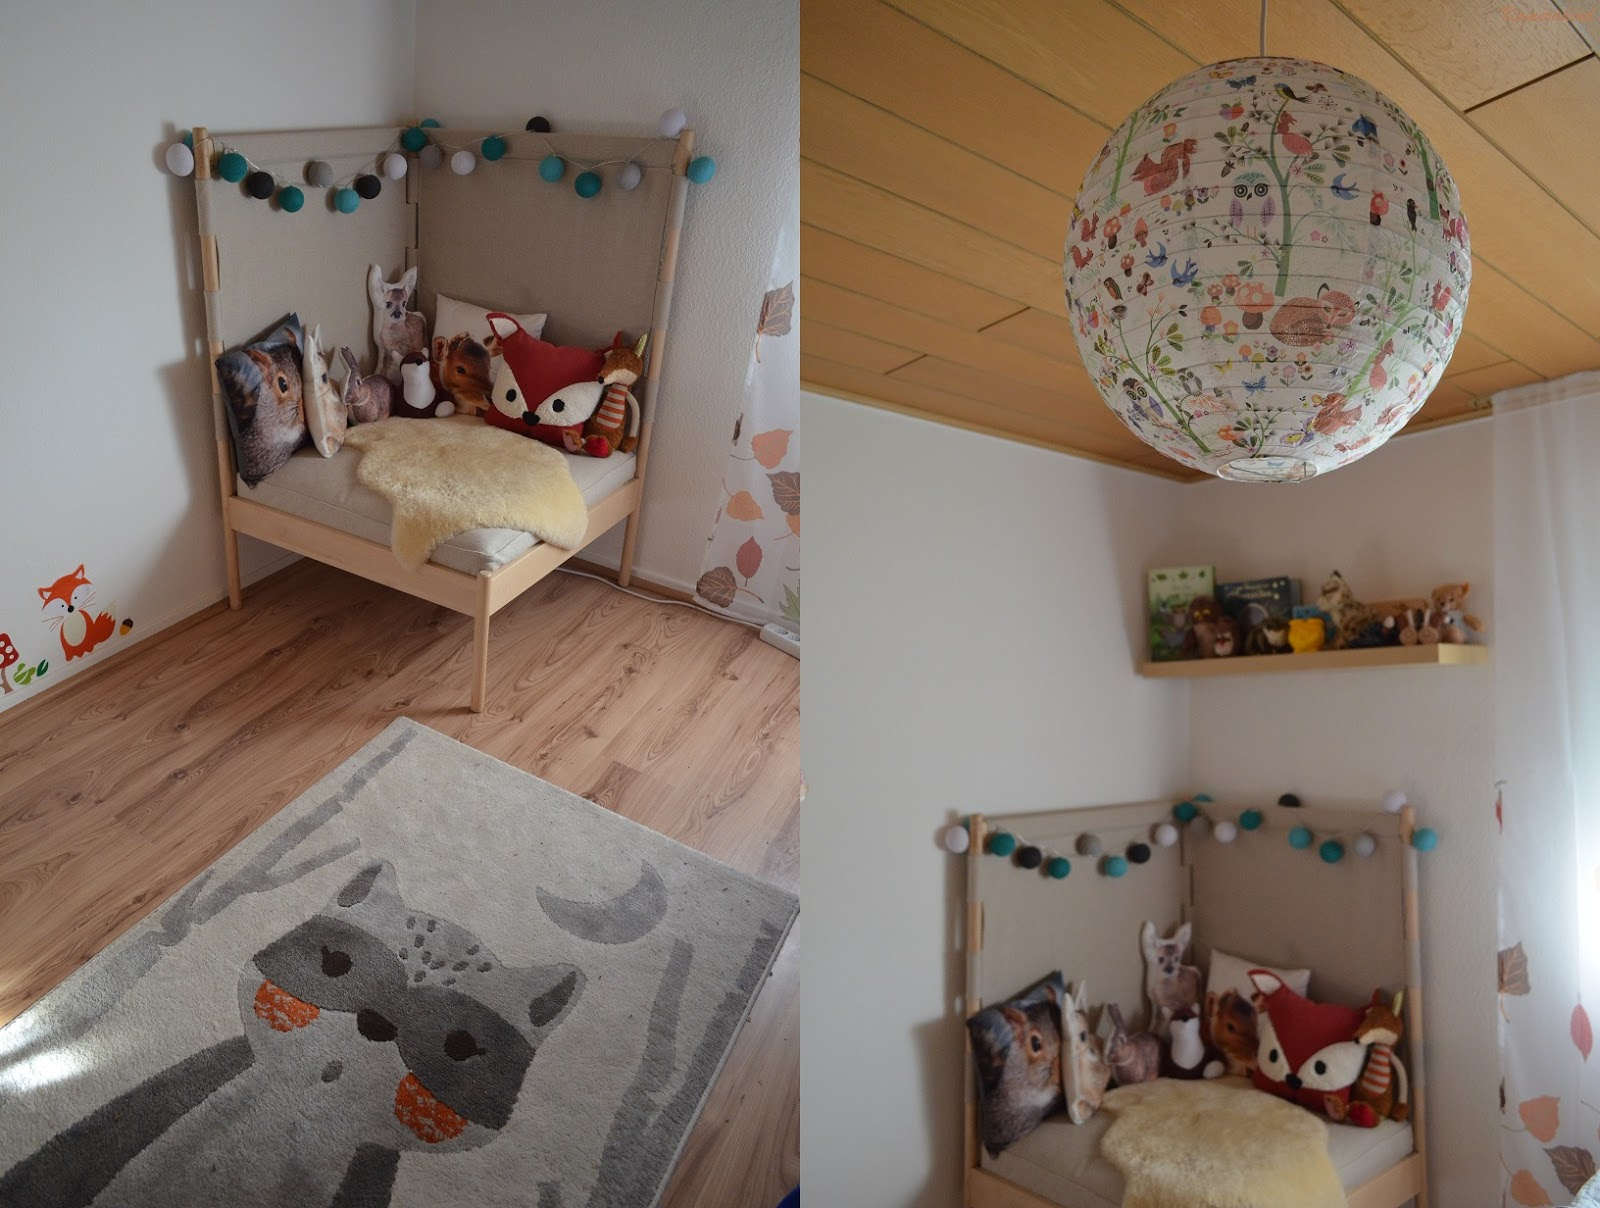 kamerakind babyschnack unser kinderzimmer. Black Bedroom Furniture Sets. Home Design Ideas